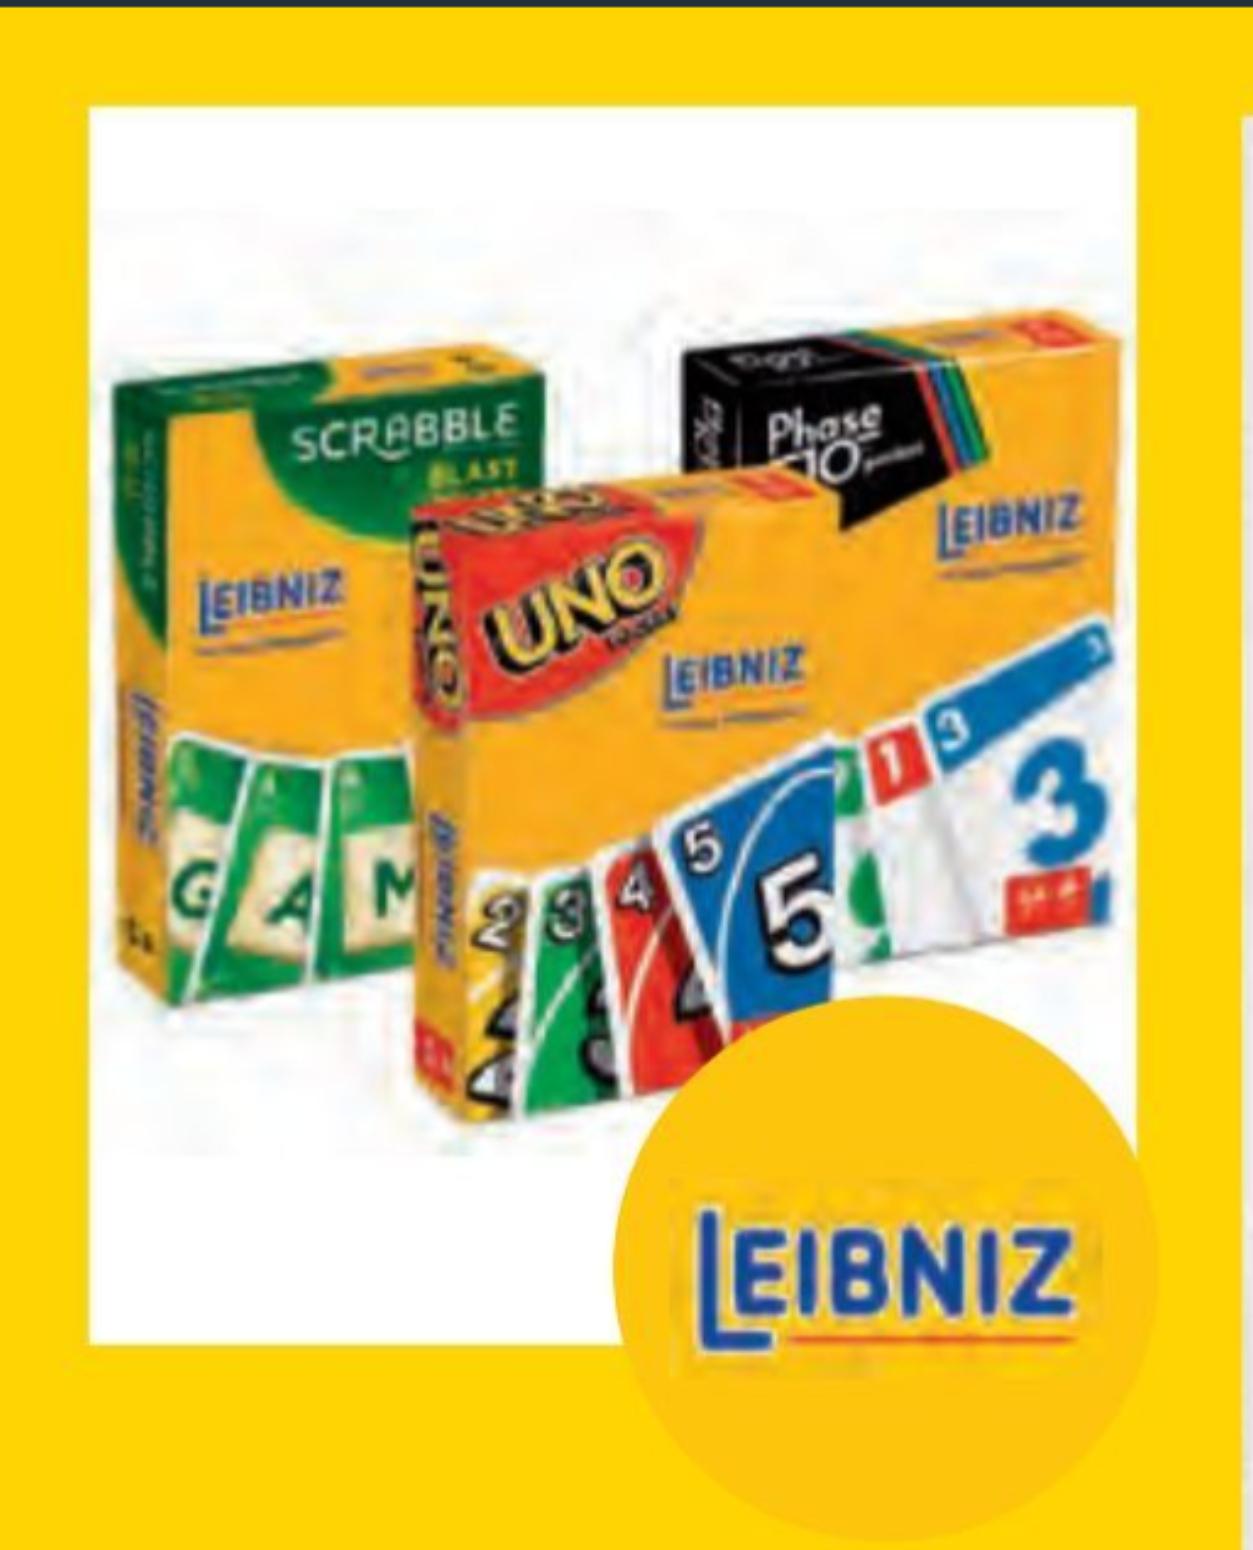 [Billa] 2x Leibniz Produkt + 1 Spiel gratis